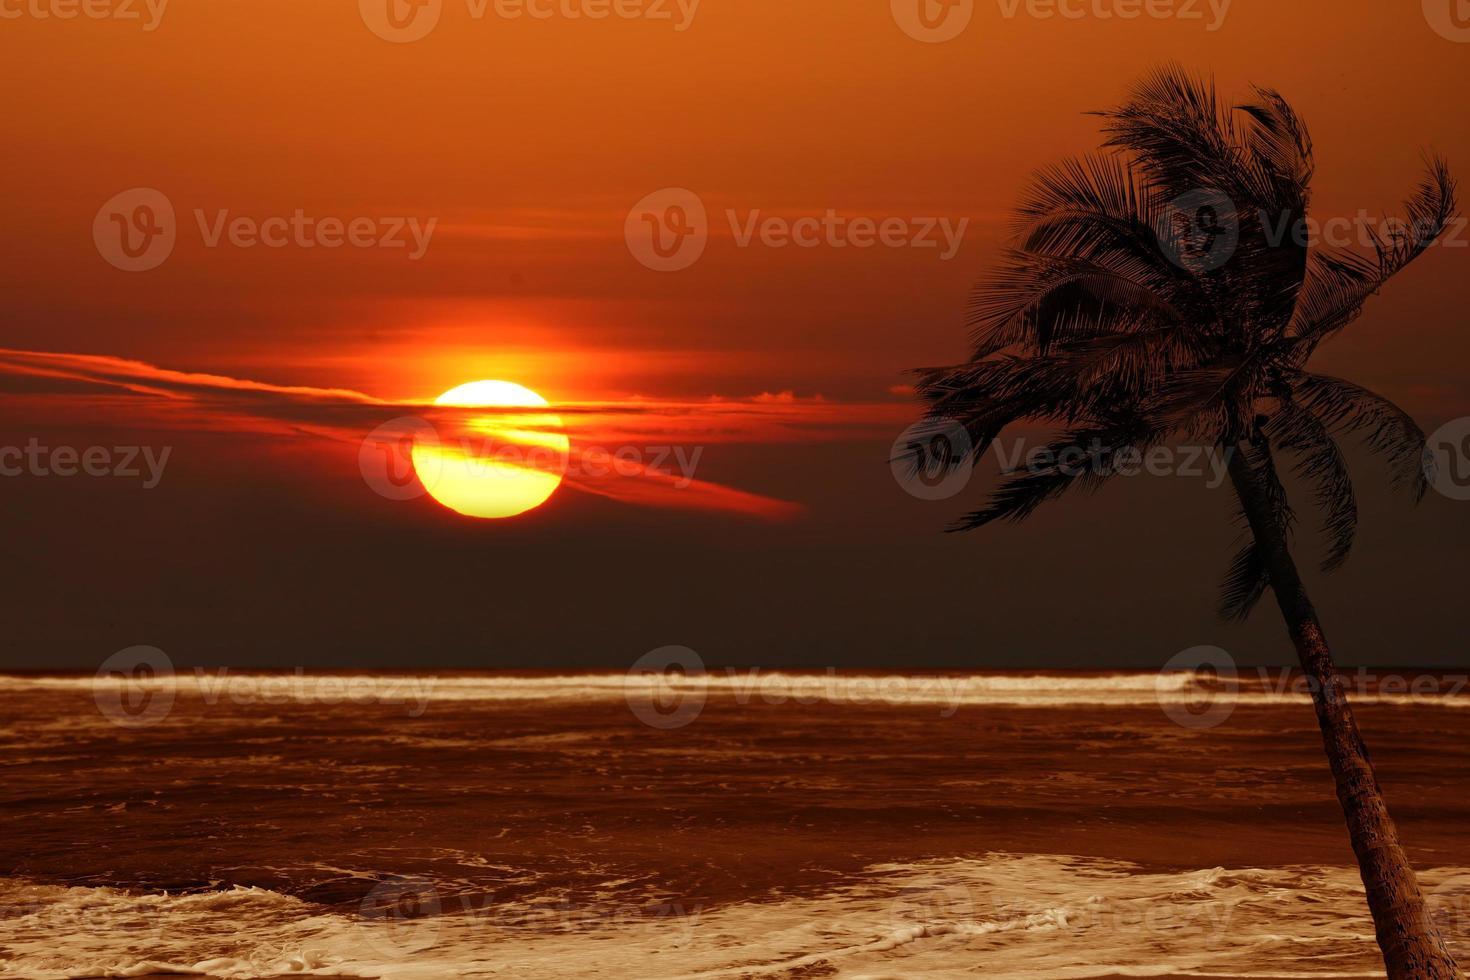 palmier solitaire au lever du soleil avec des couleurs dramatiques photo